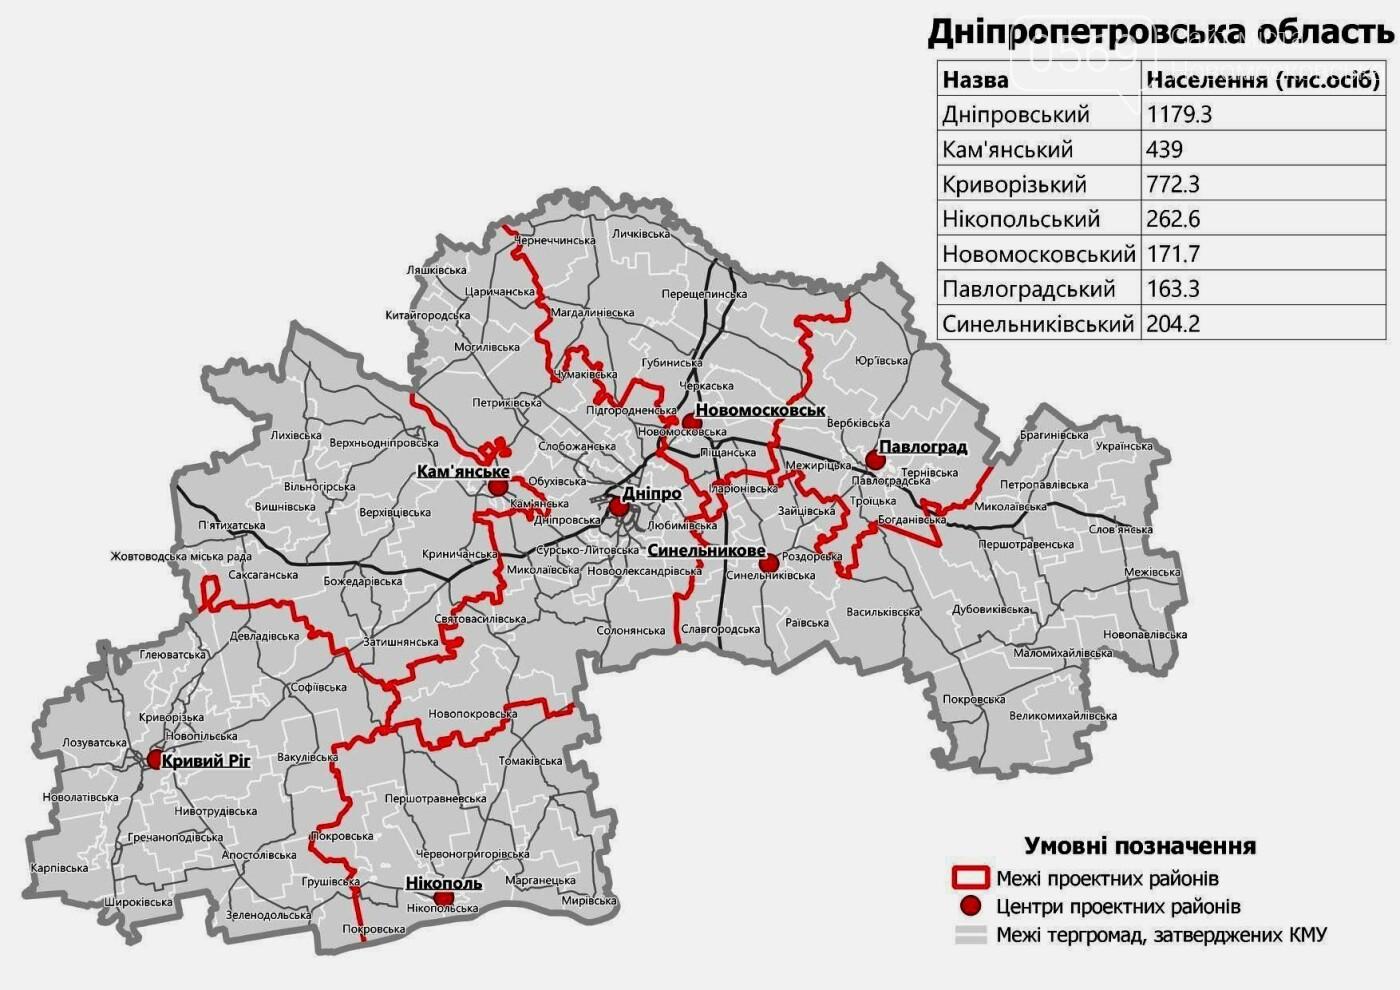 На Дніпропетровщині тепер замість 22-х районів буде лише 7, фото-1